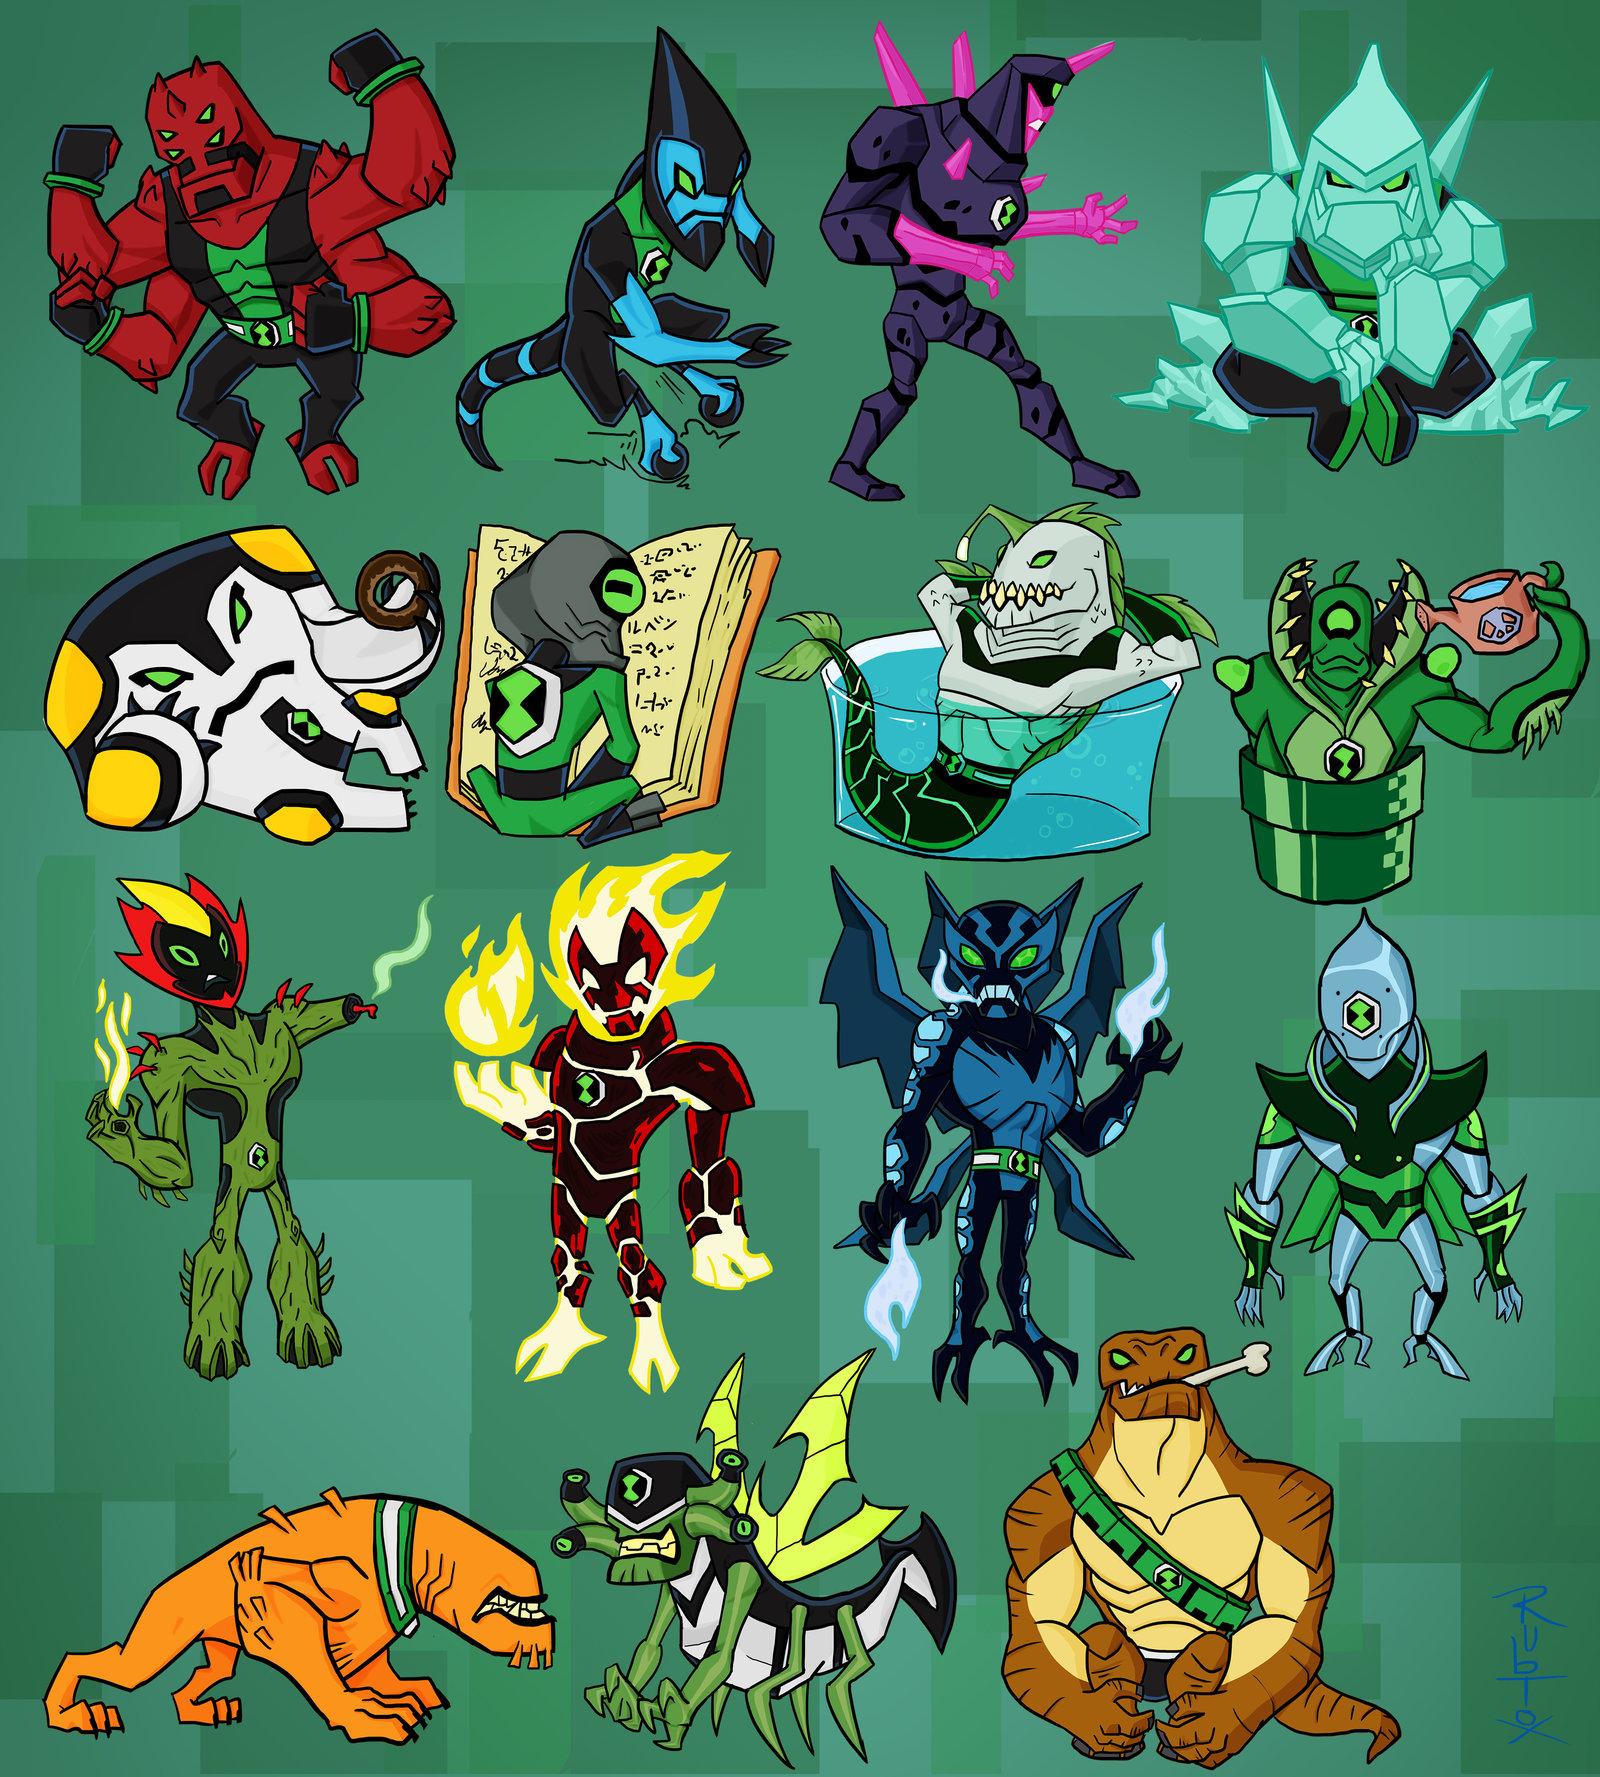 все герои из омнитрикса список с фото идет запуск кода